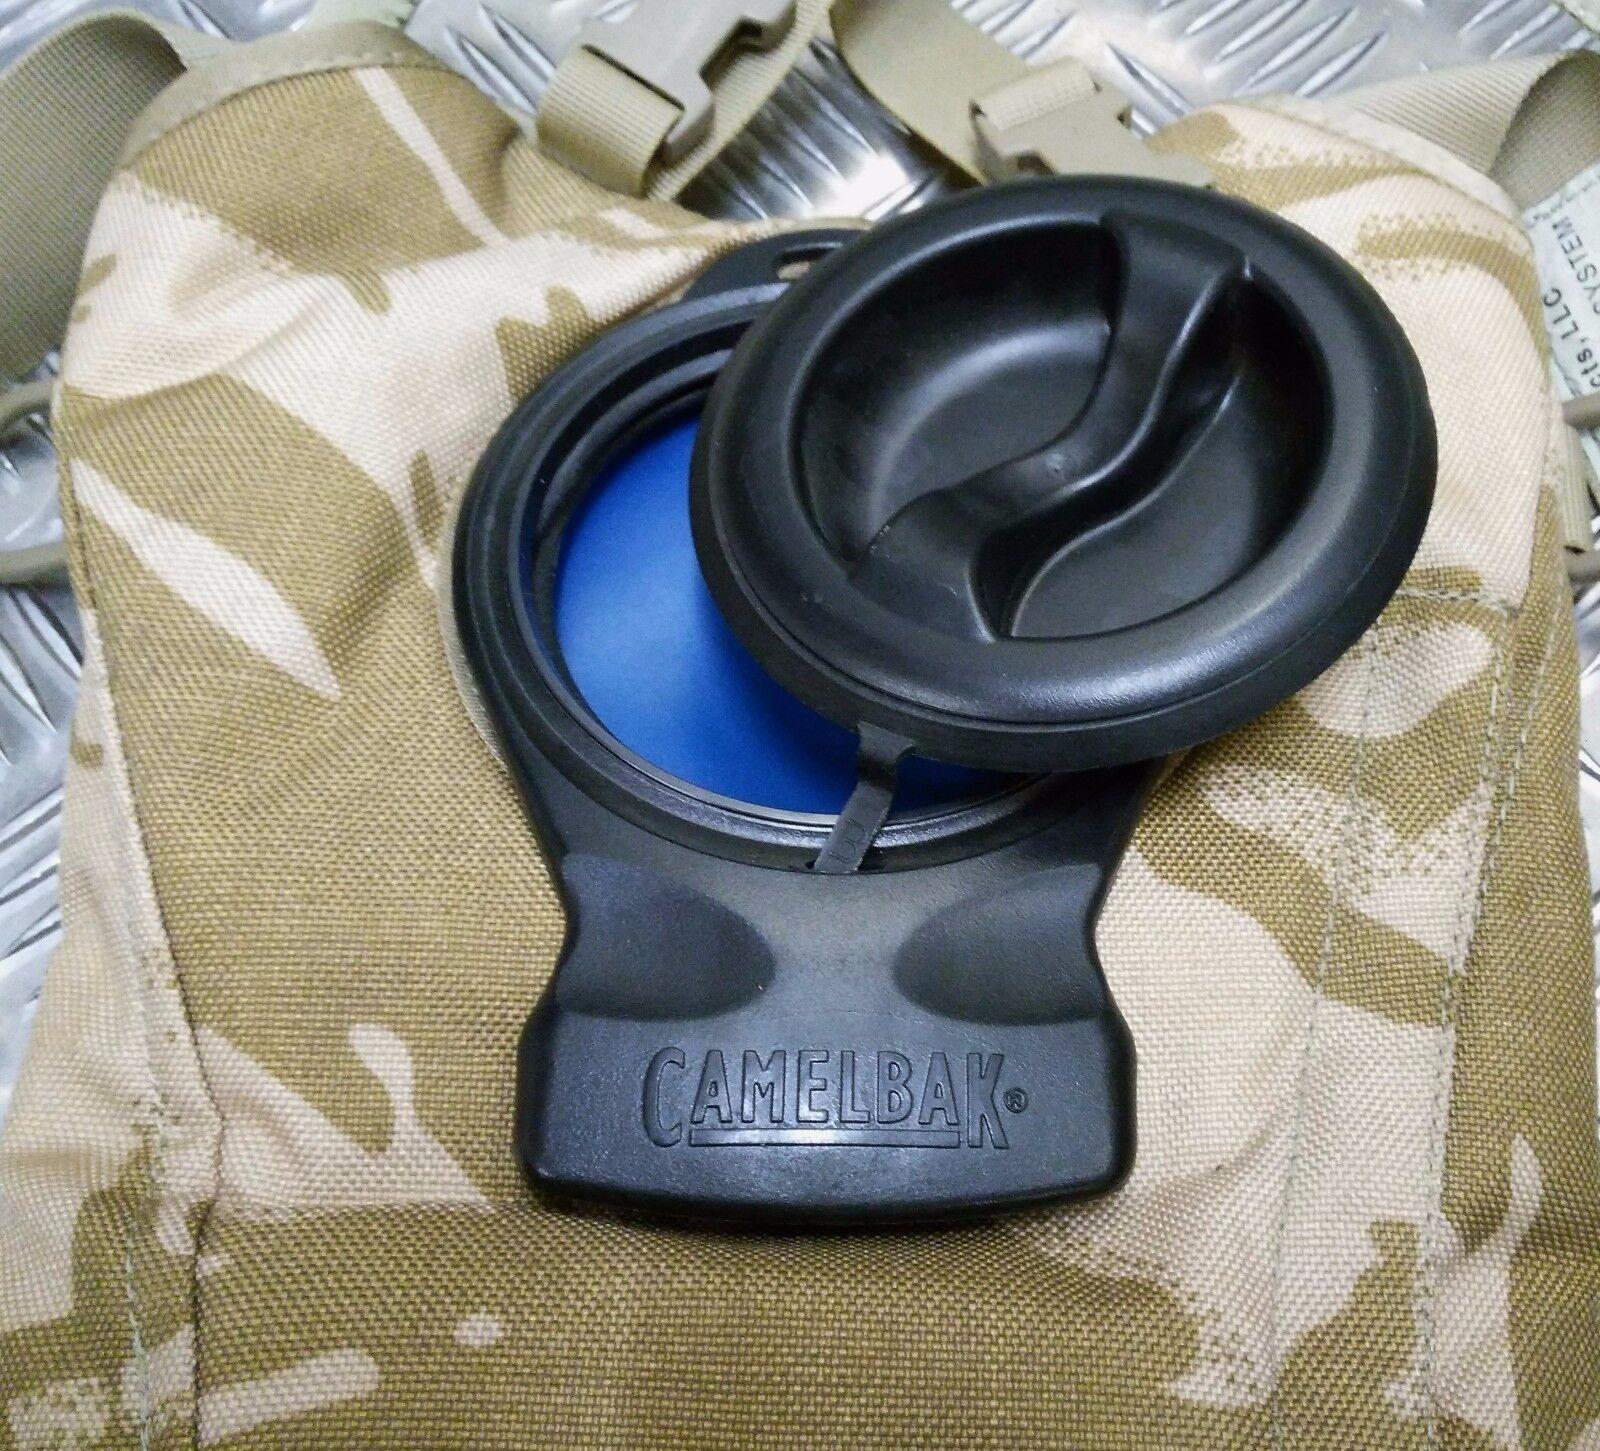 Echtes Britisches Armee Wüste Ausgabe Camelbak Trinksystem Dpm O Wüste Armee Camouflage 2.2L 8fc42e